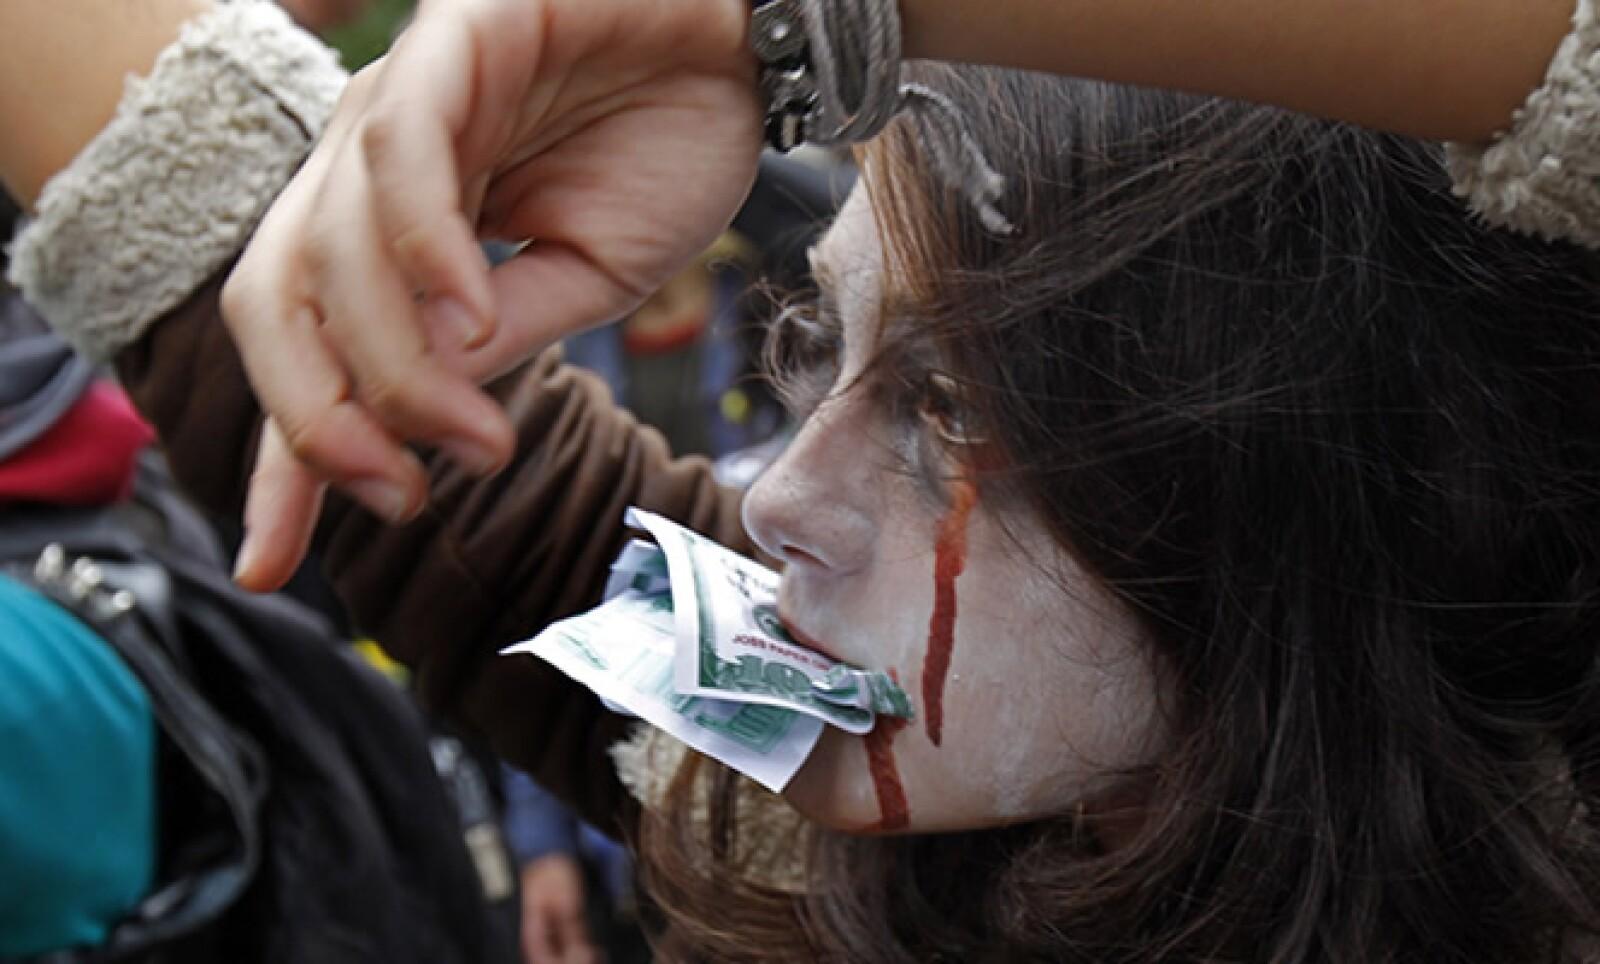 Los manifestantes se han pronunciado contra la avaricia corporativa, los rescates bancarios y hasta por un mejor medio ambiente, entre otros temas.